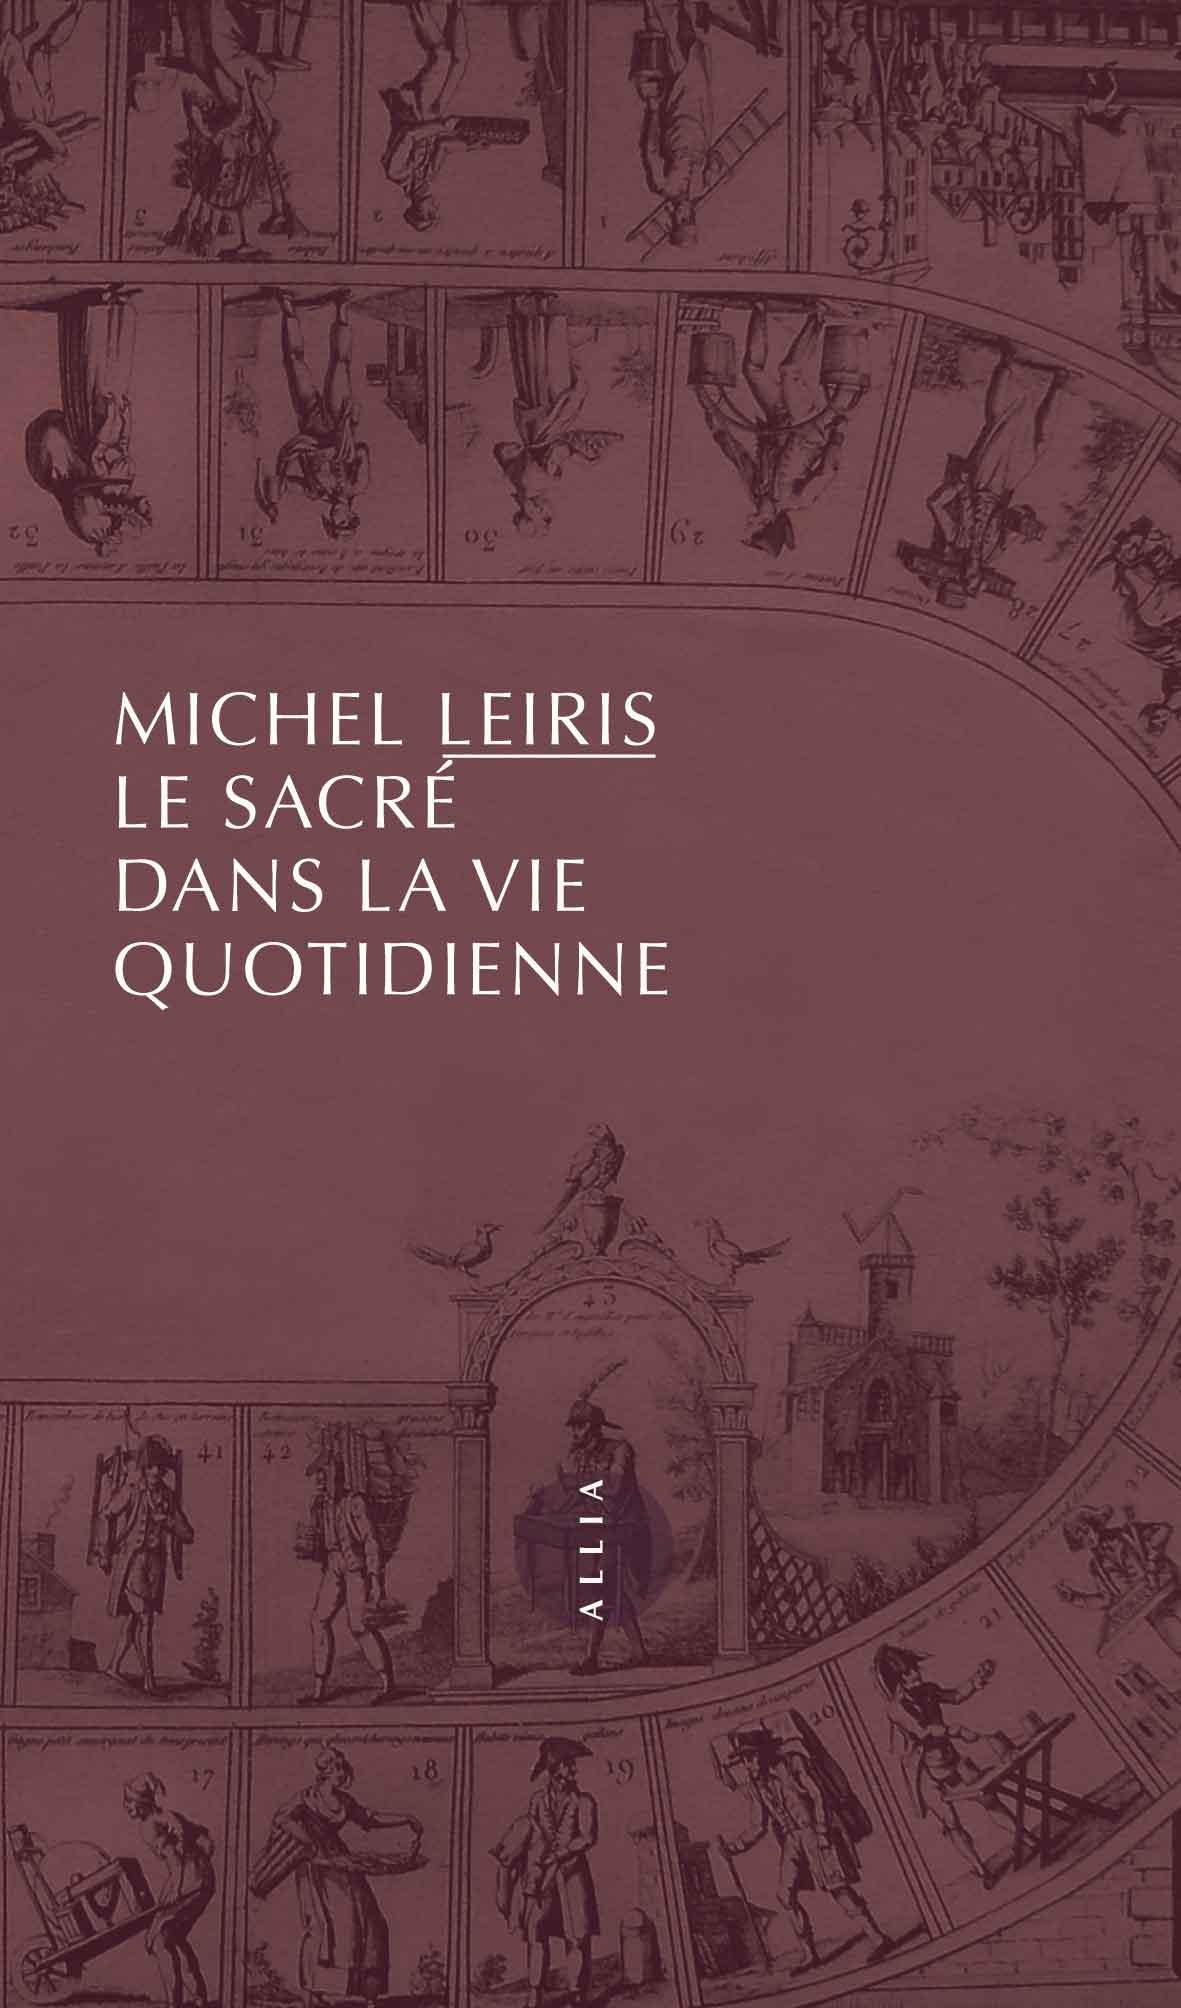 M. Leiris, Le Sacré dans la vie quotidienne